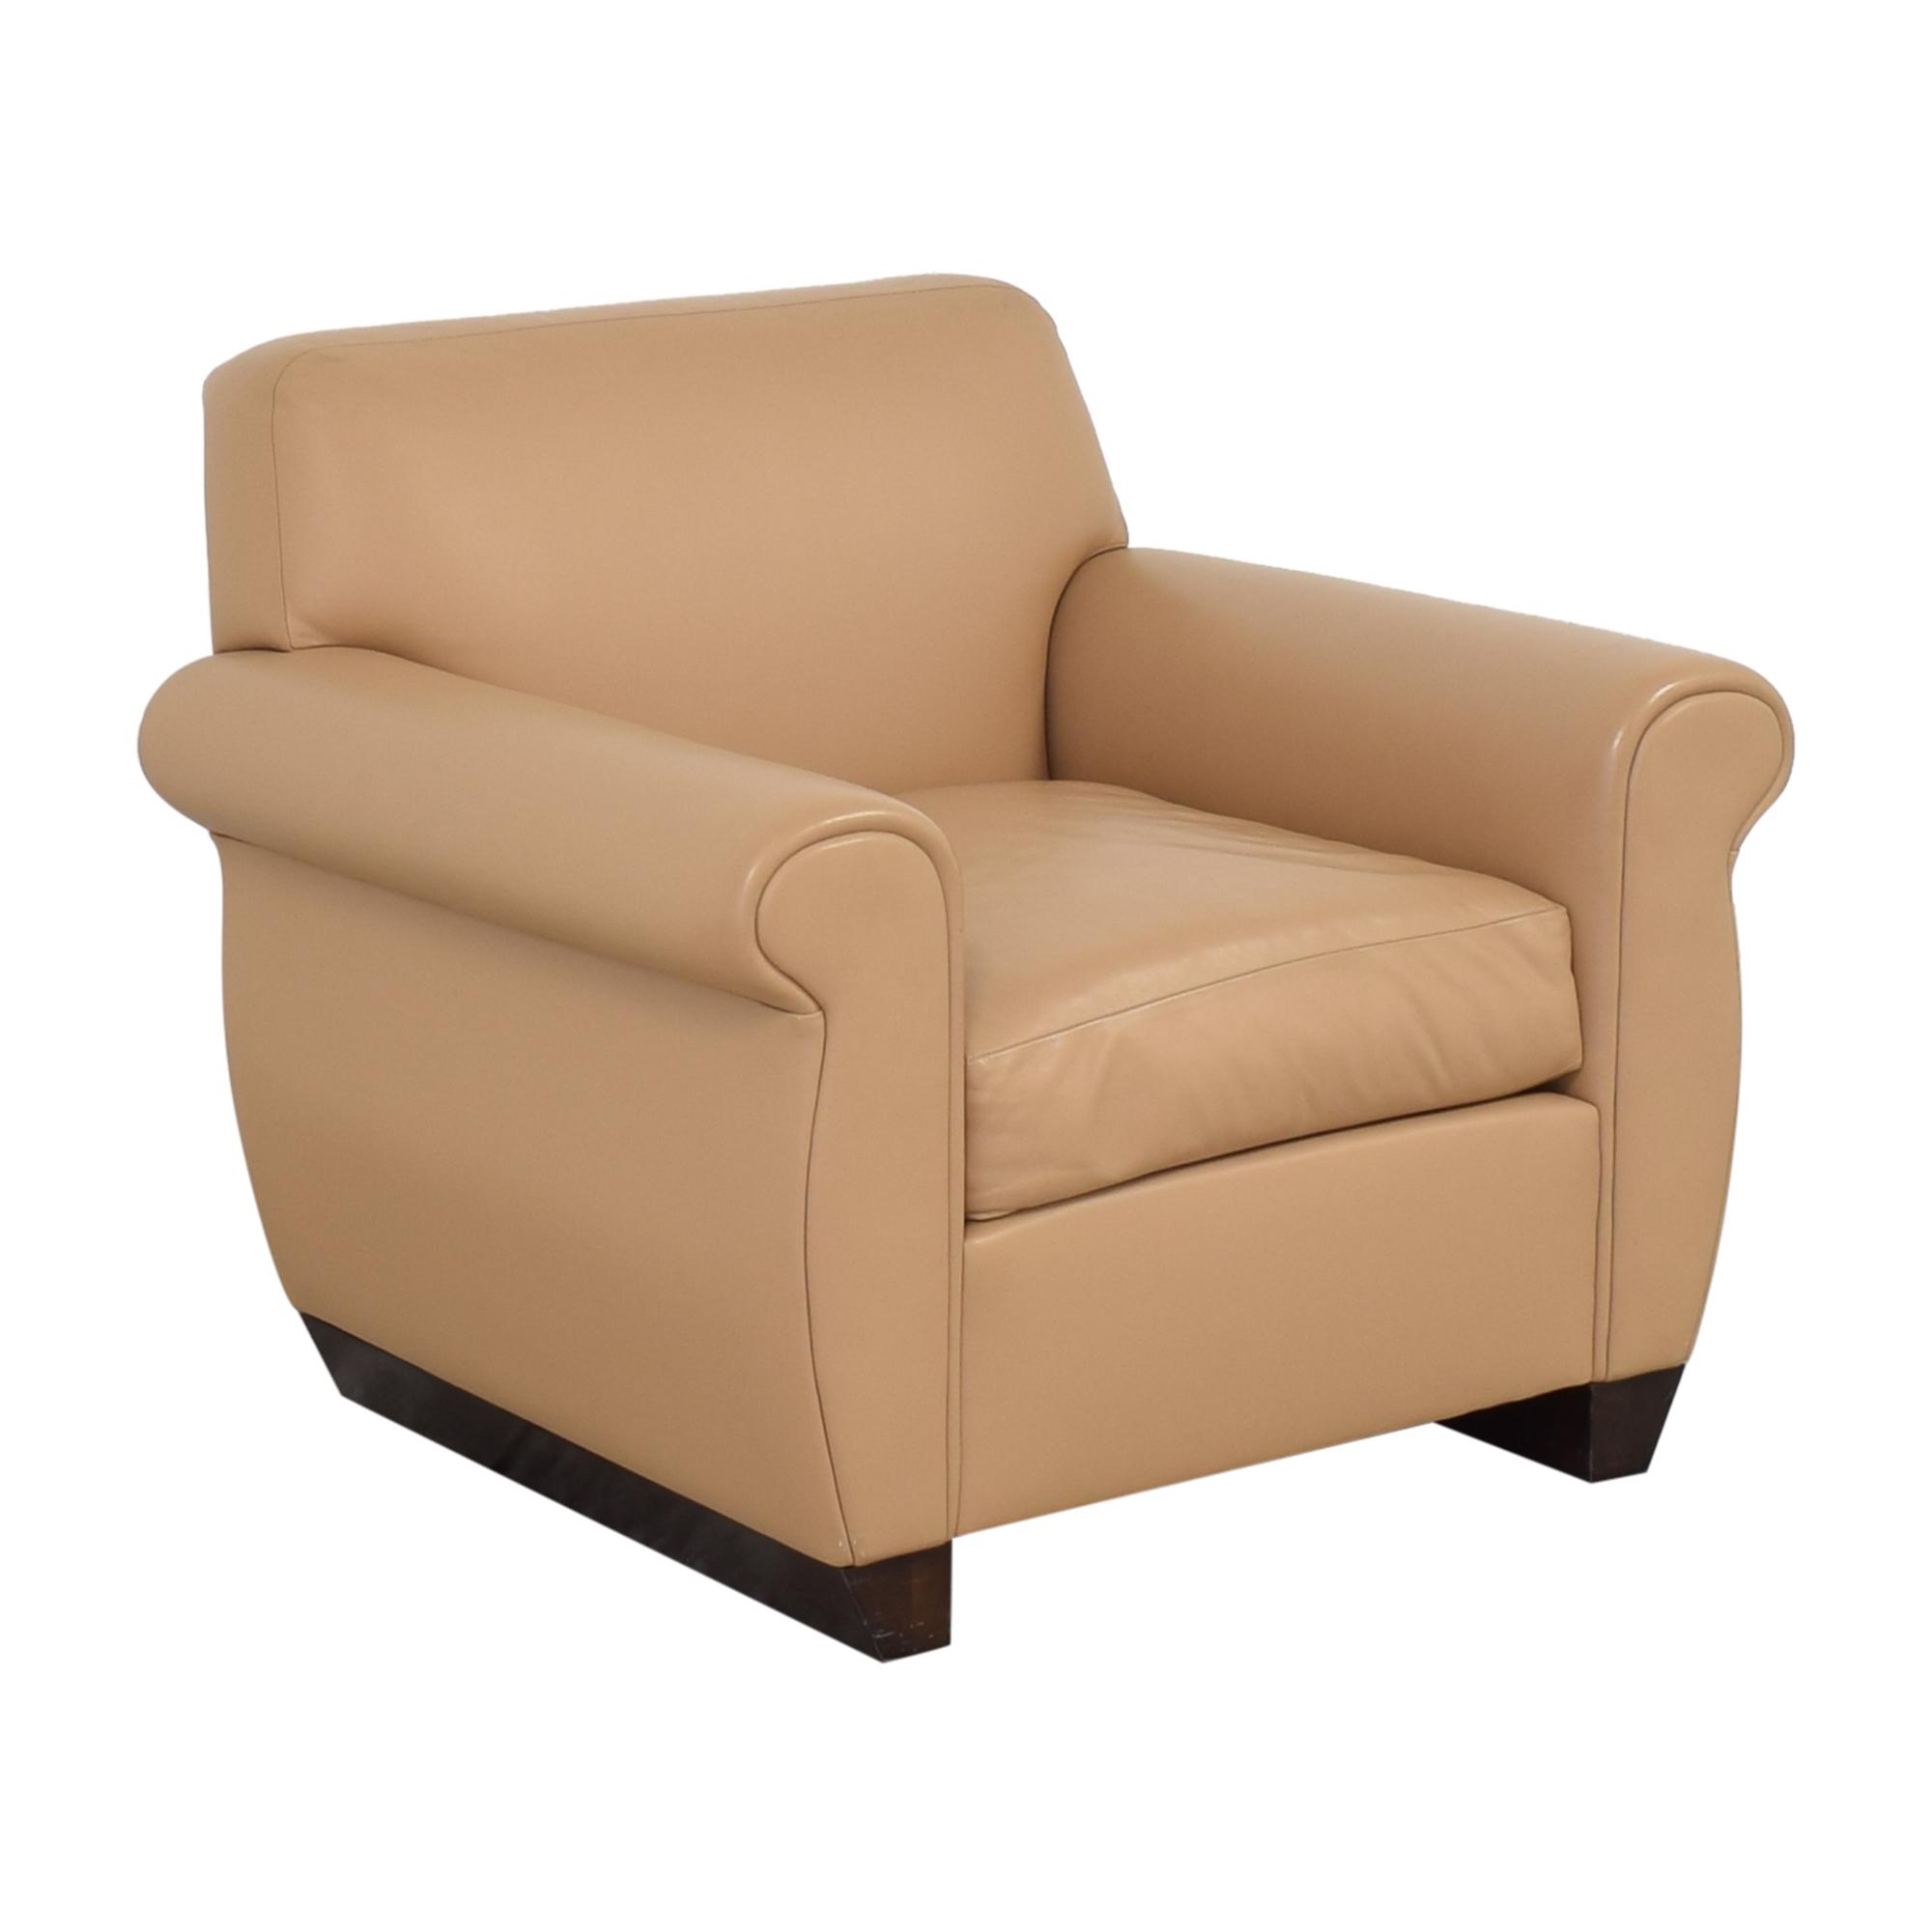 Bright Chair Company Olli B Chair Bright